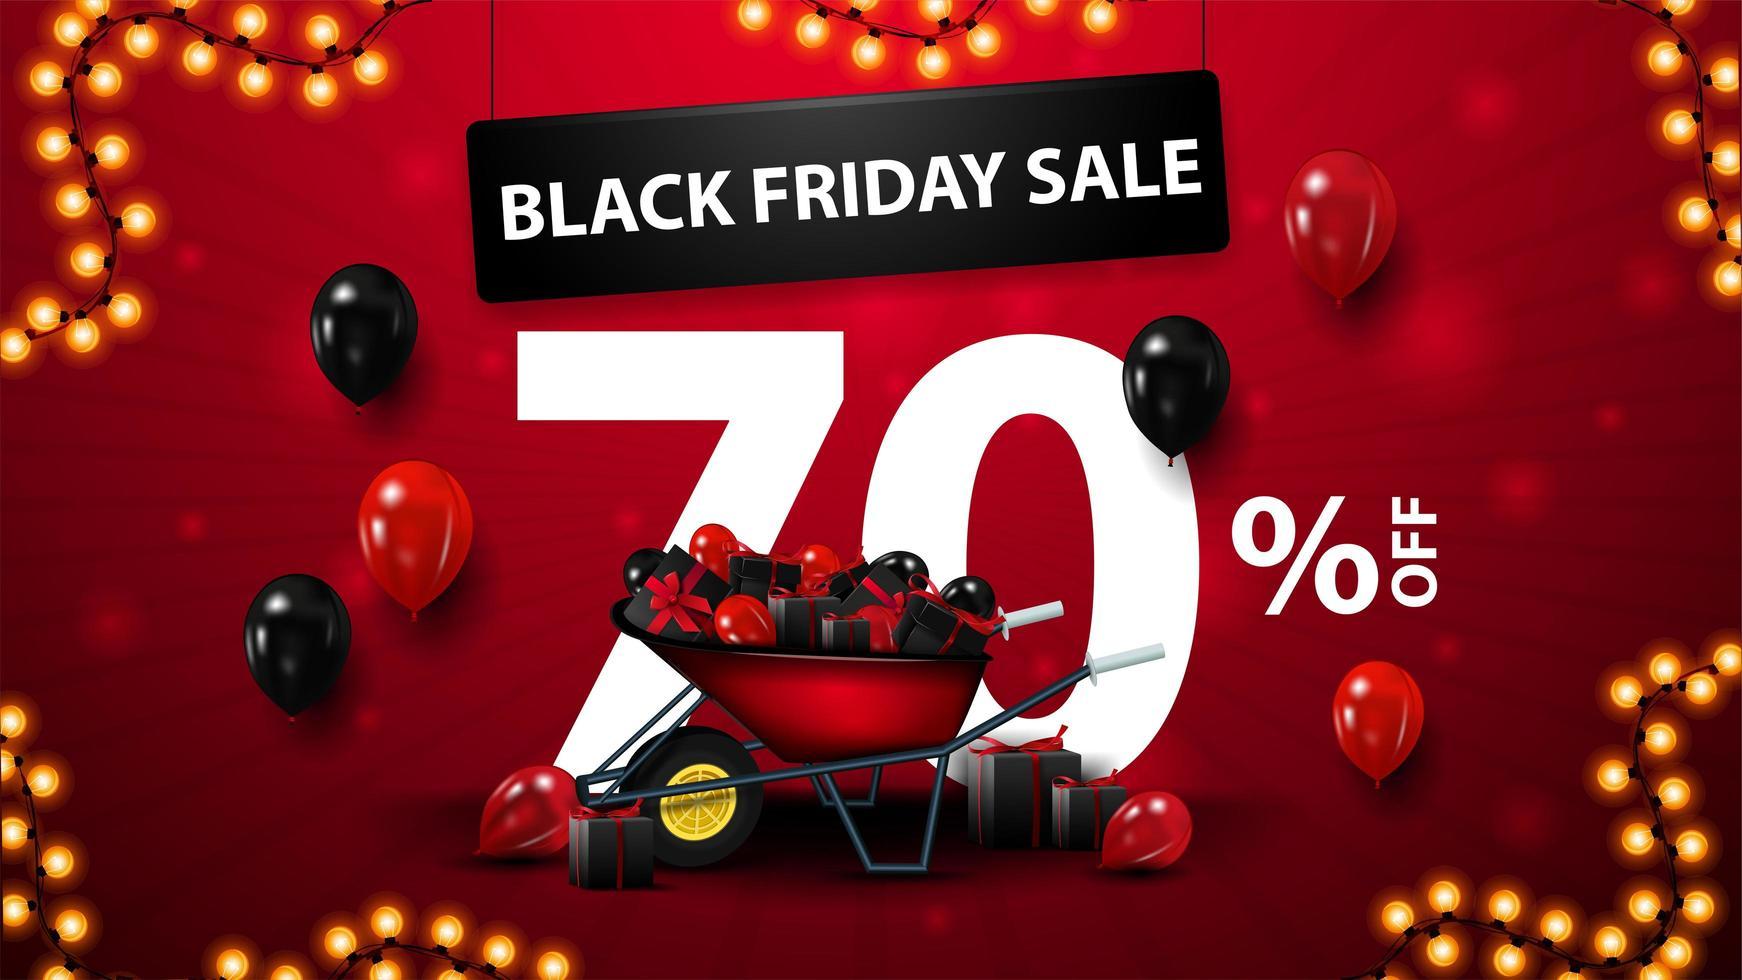 svart fredag försäljning, upp till 70 rabatt banner vektor